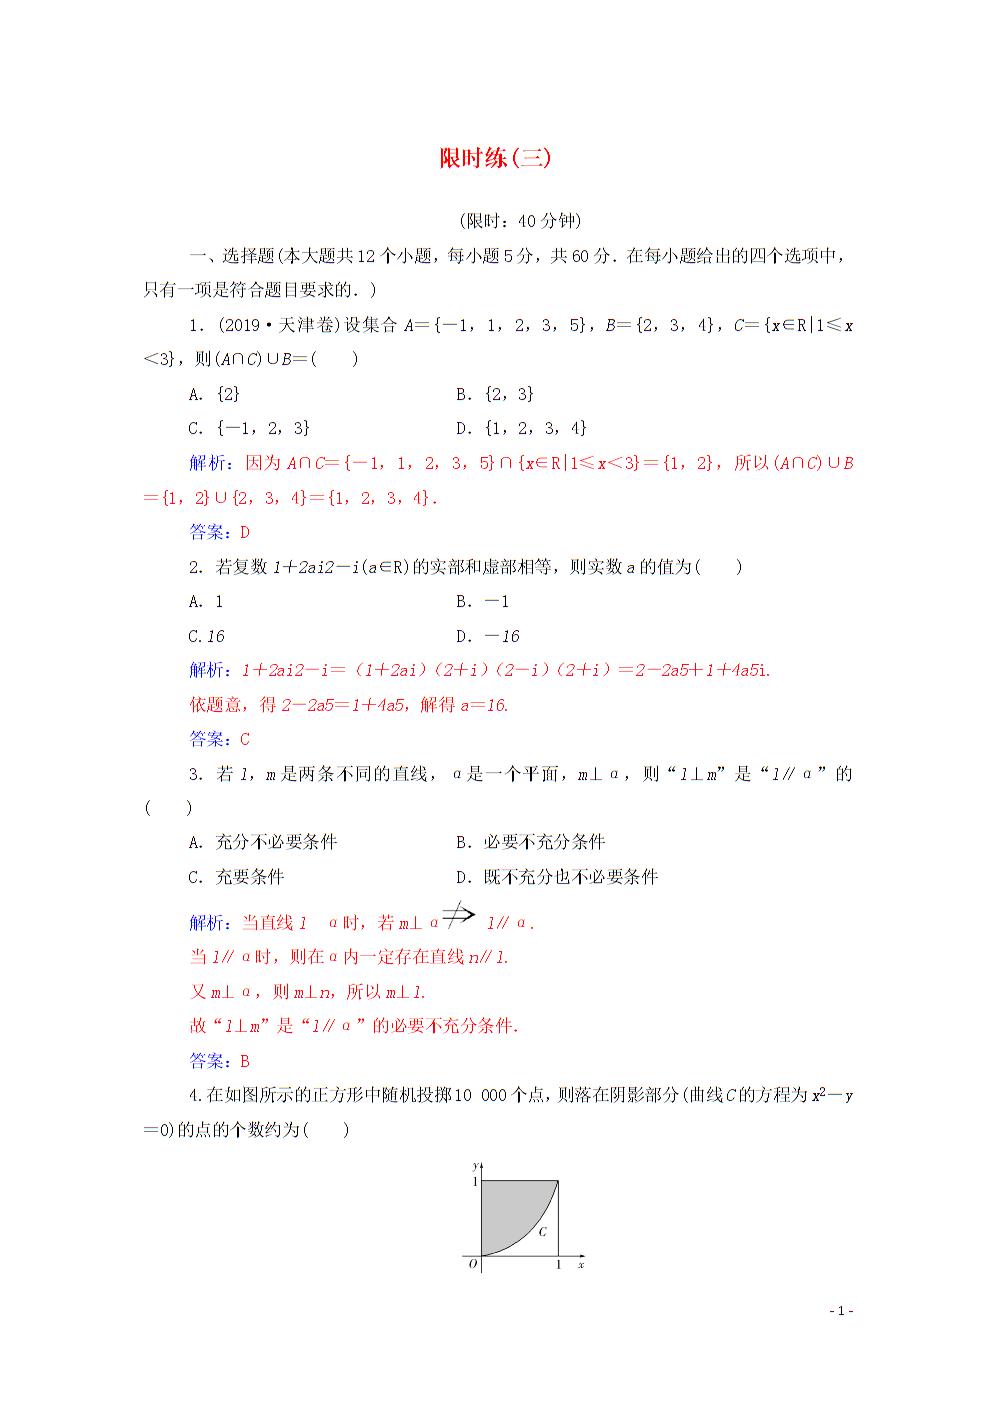 2020届高考数学二轮复习 限时练(三)理.doc